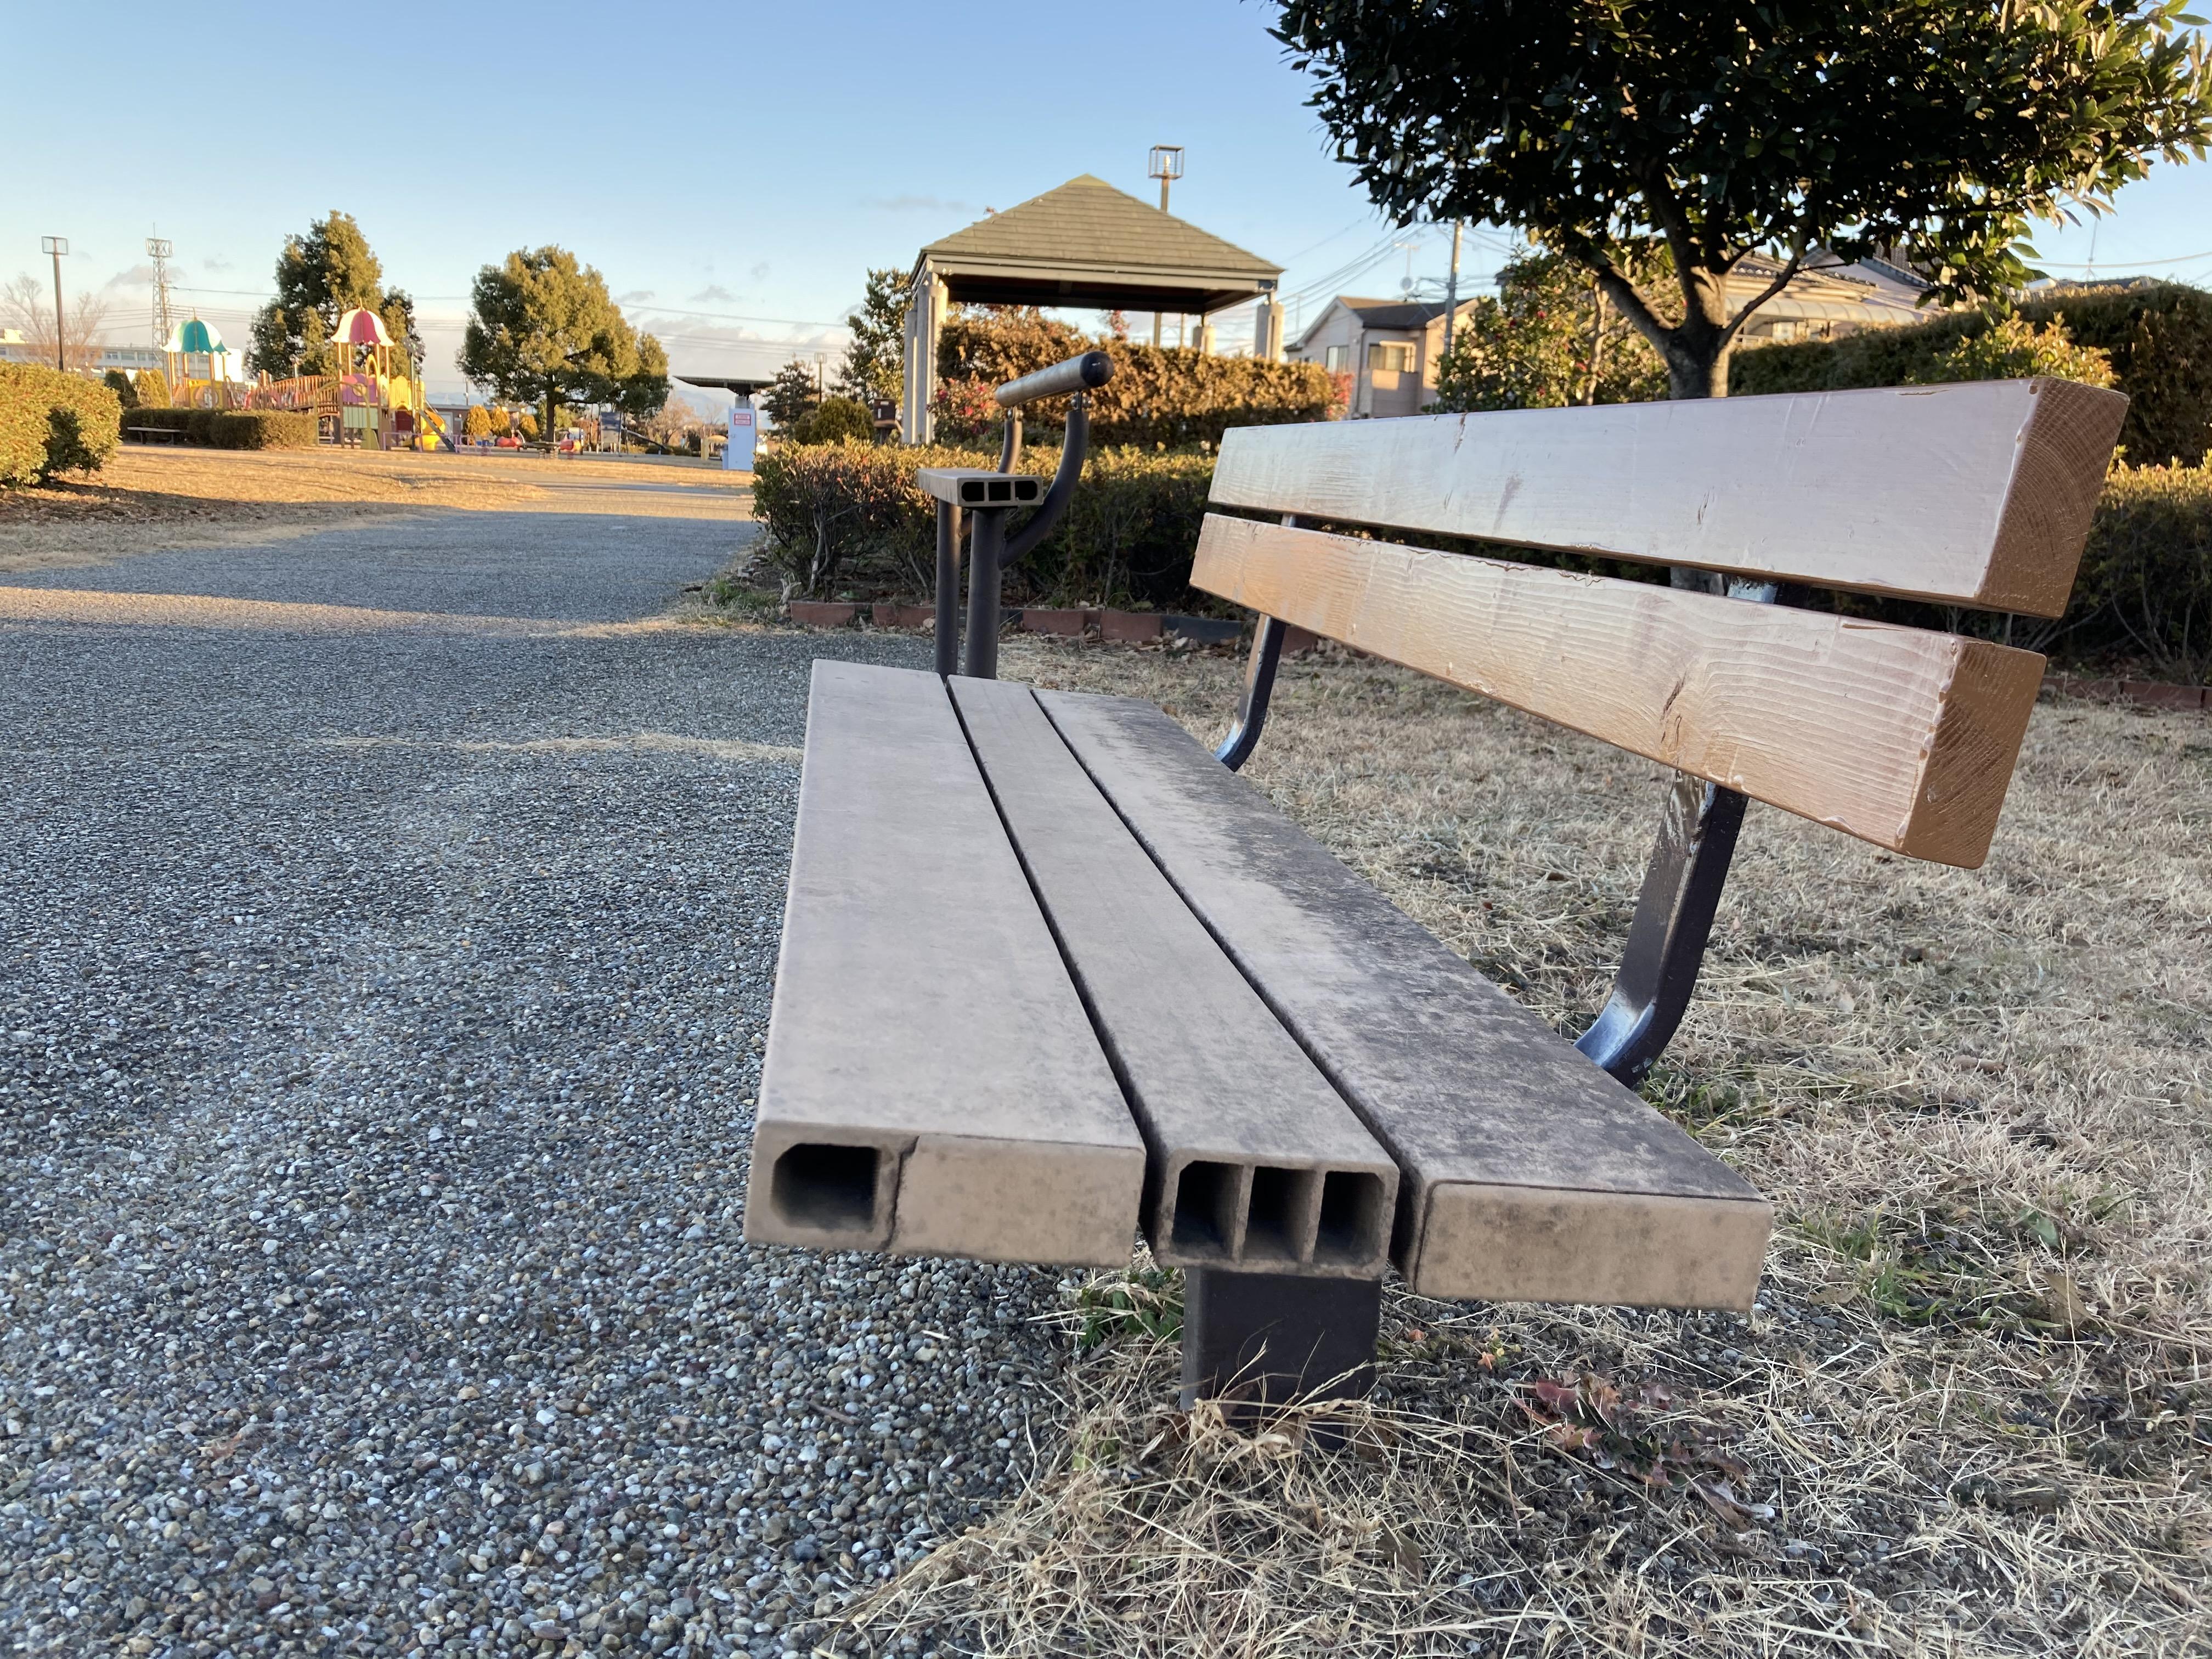 スマイルパークにある、ユニバーサルデザインのベンチ03